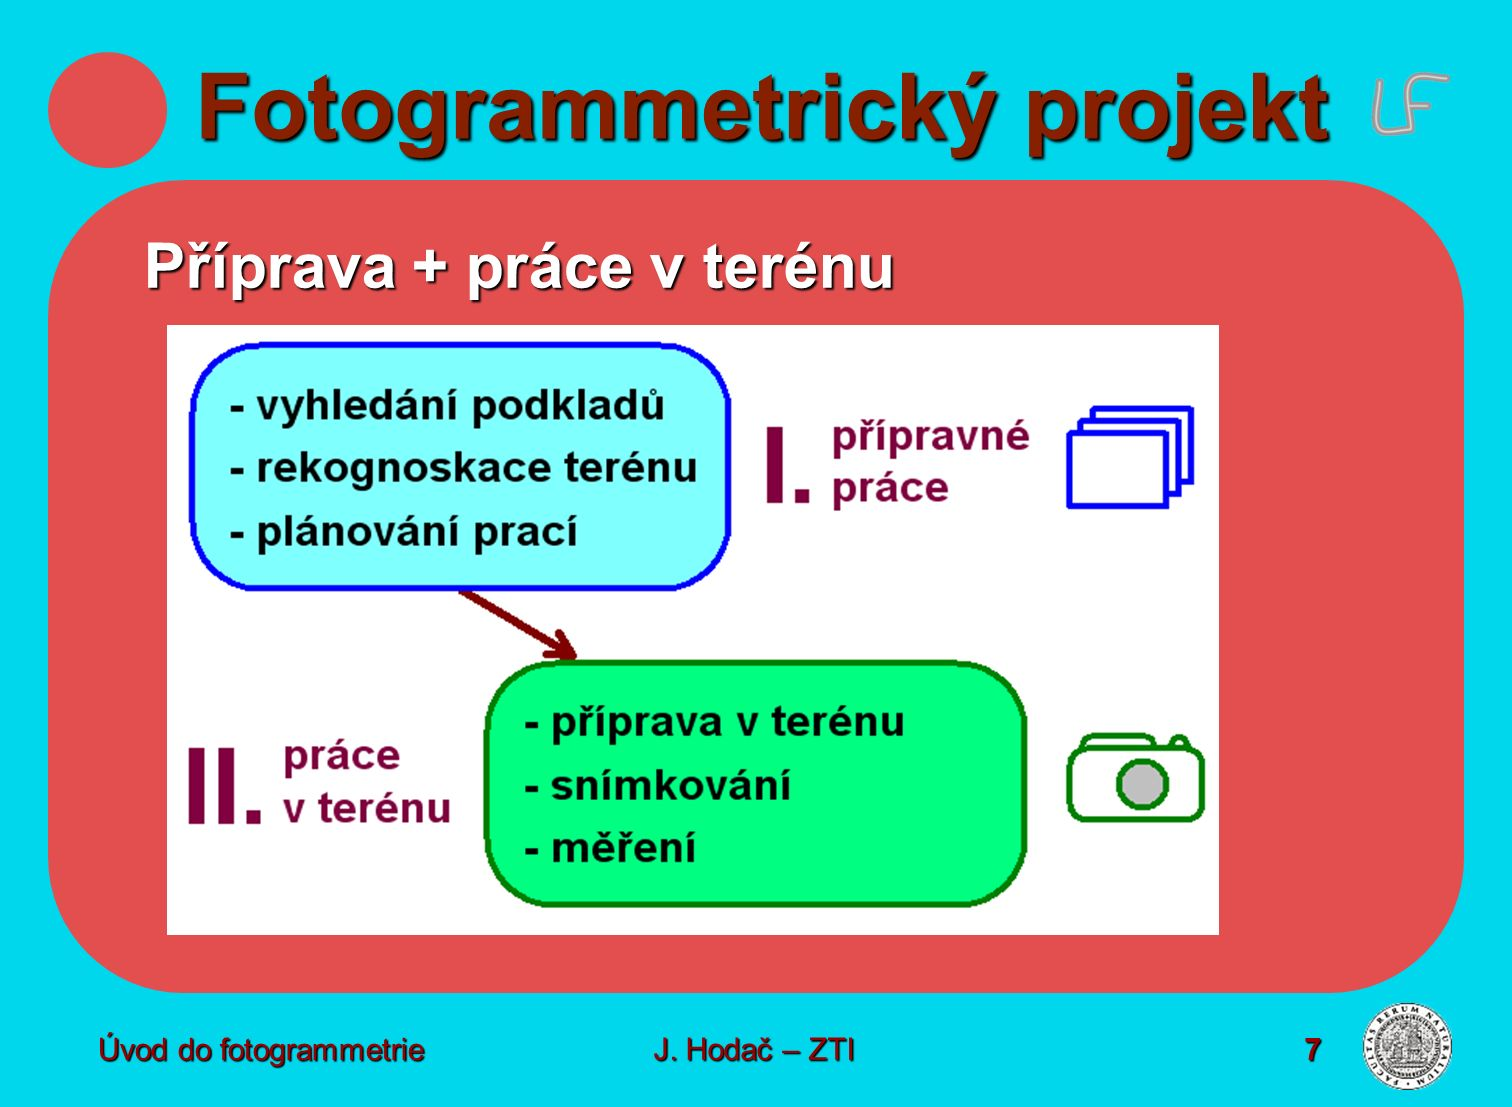 Úvod do fotogrammetrie7 Fotogrammetrický projekt Příprava + práce v terénu J. Hodač – ZTI